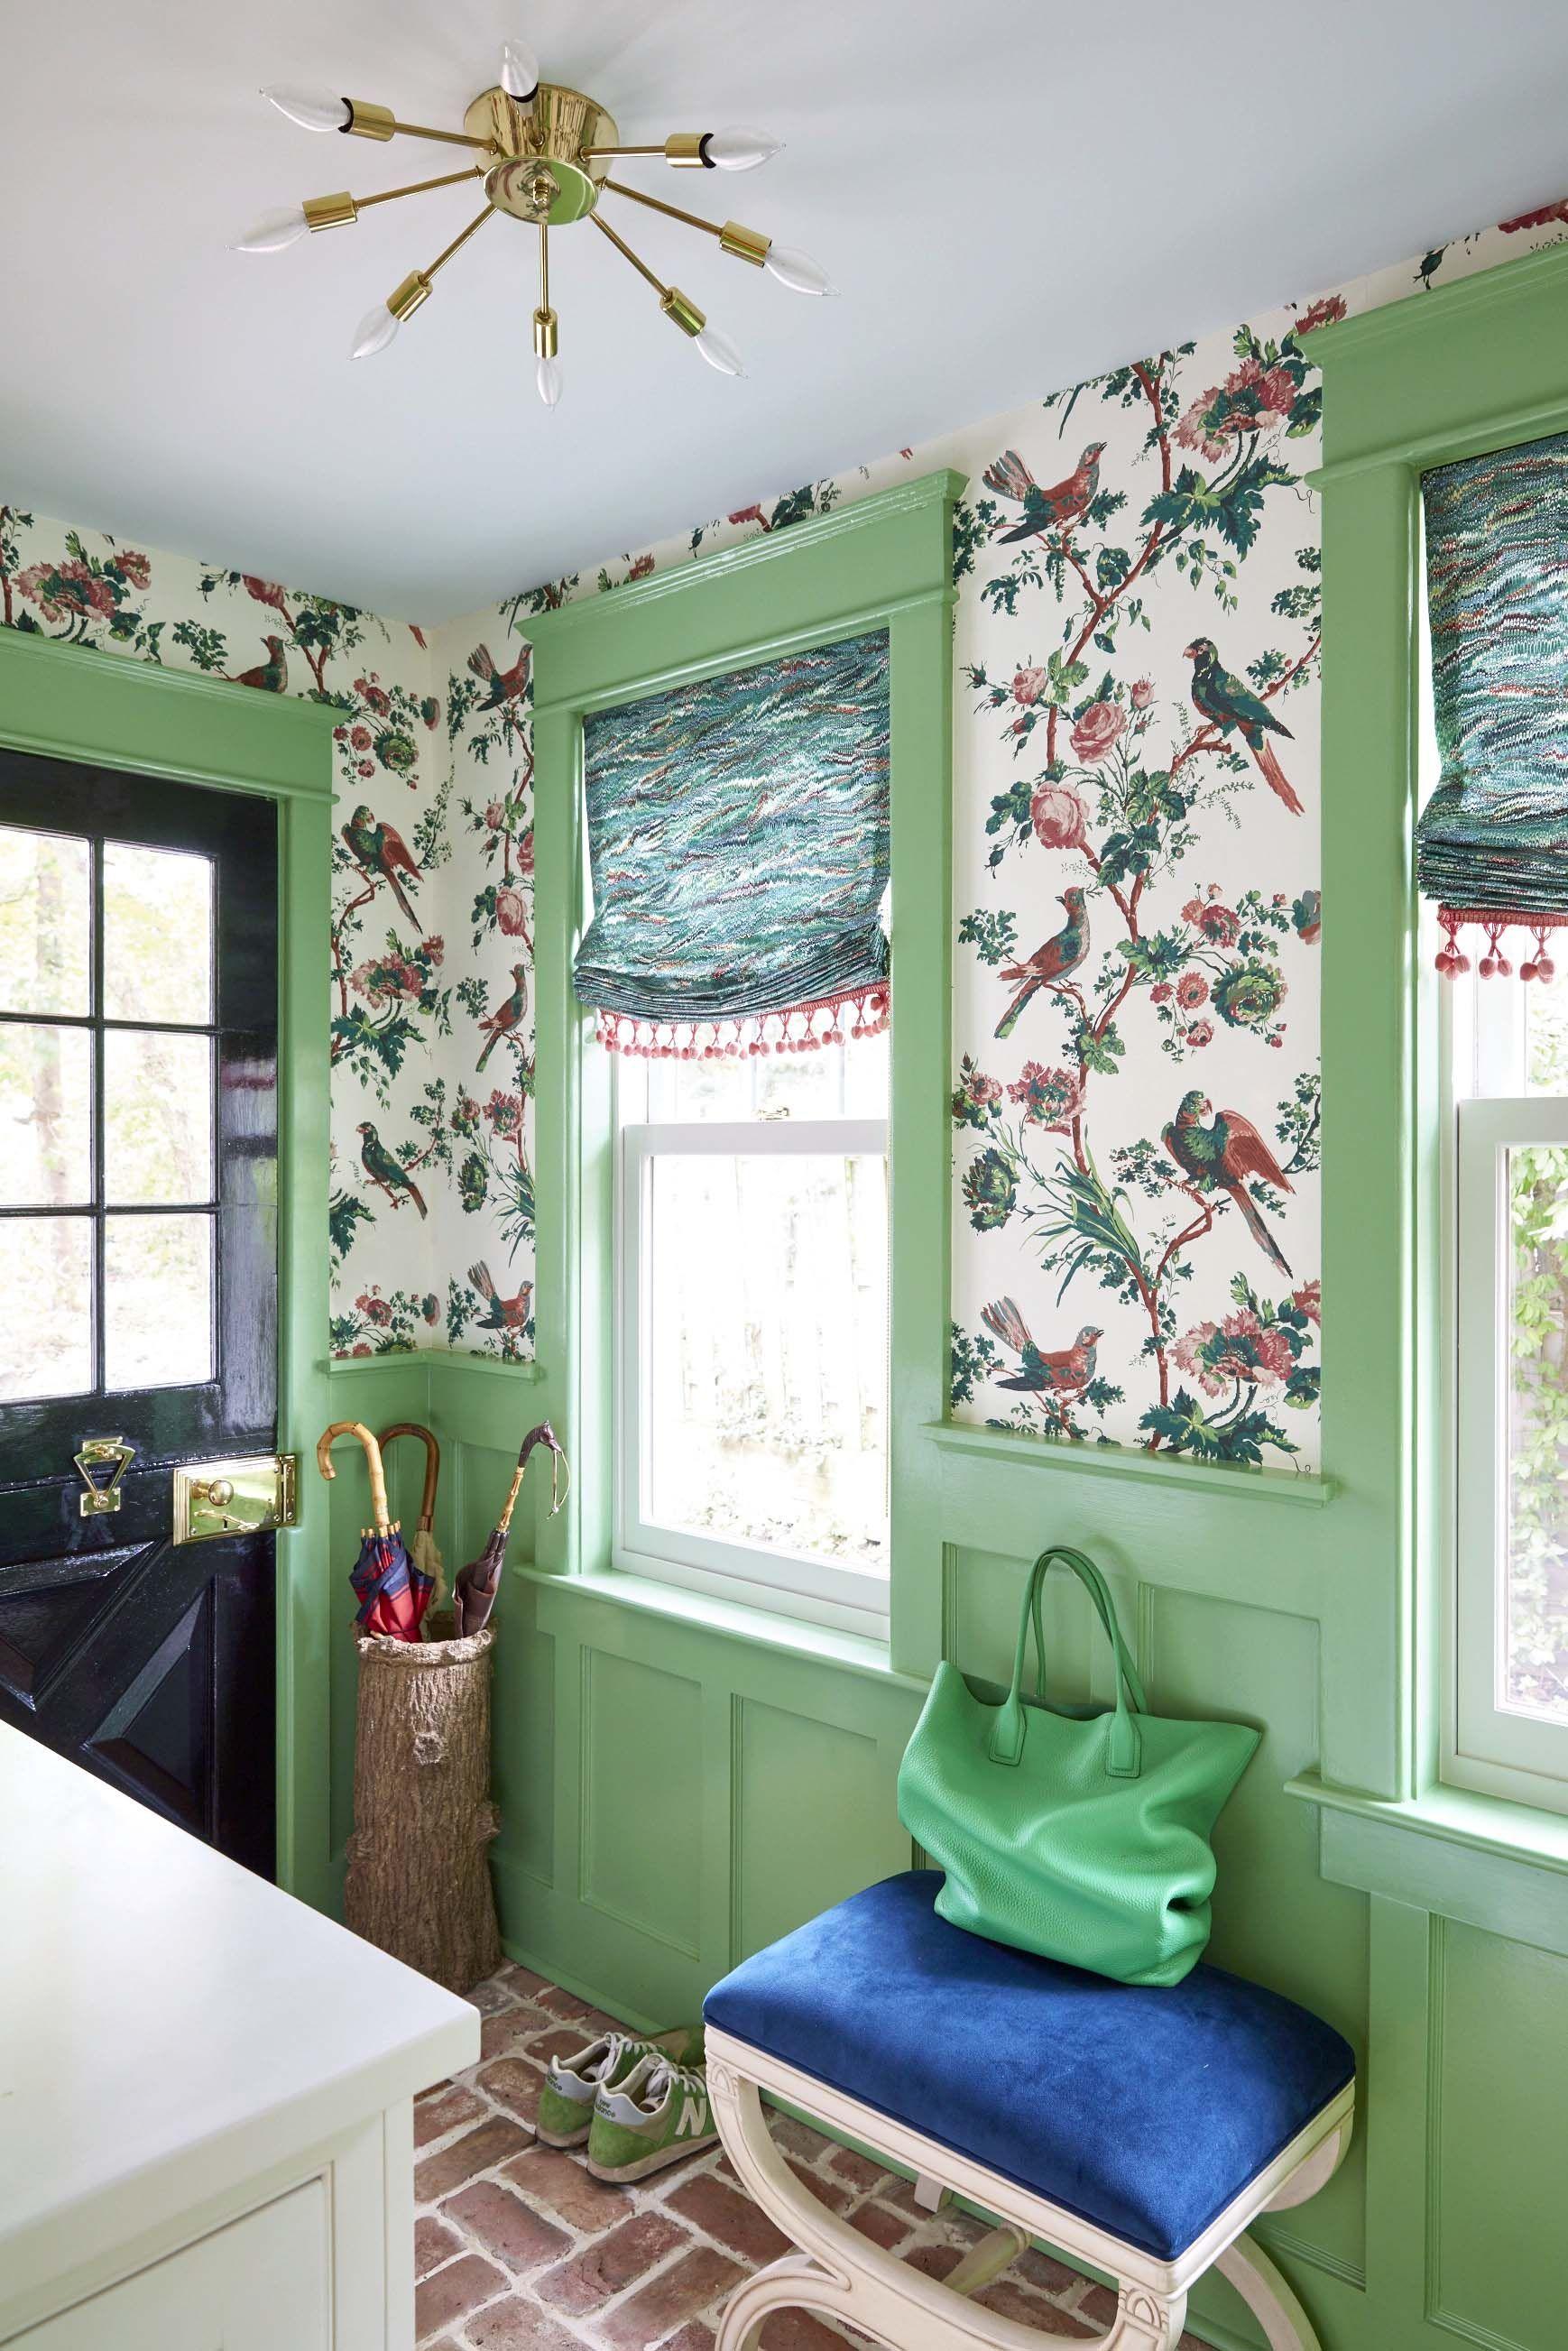 Mách bạn mẹo trang trí cửa sổ sao cho vừa làm nổi bật không gian, vừa tràn ngập ánh sáng cho ngôi nhà bạn - Ảnh 25.